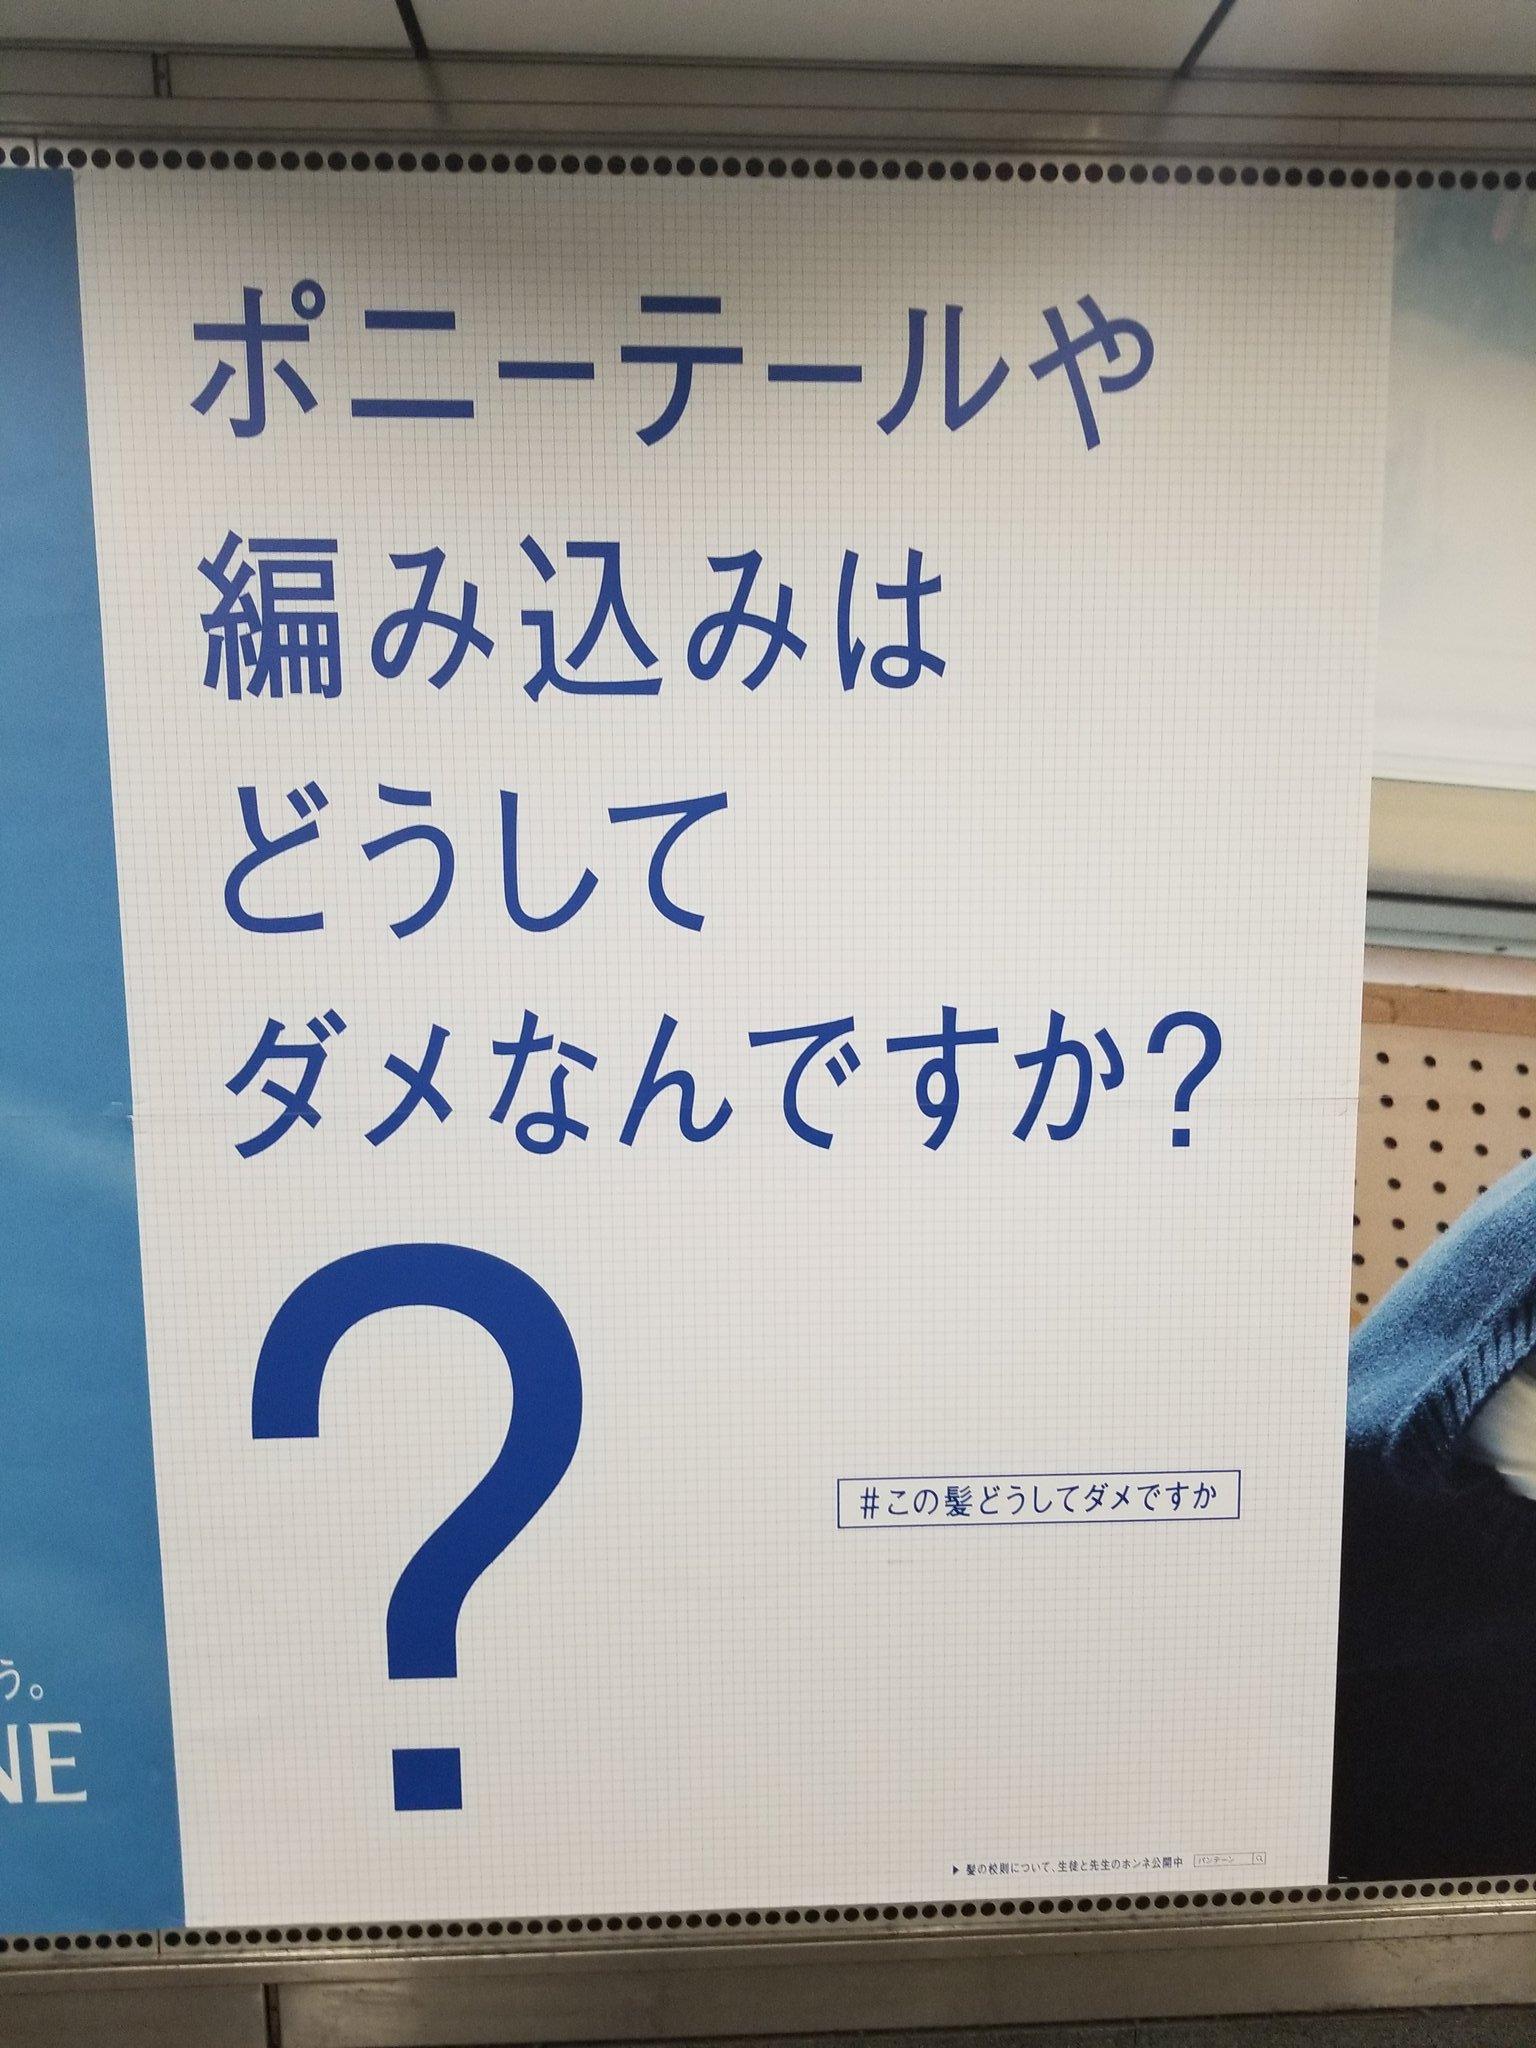 思わず足を止めてしまう…渋谷の広告に考えさせられる人続出!